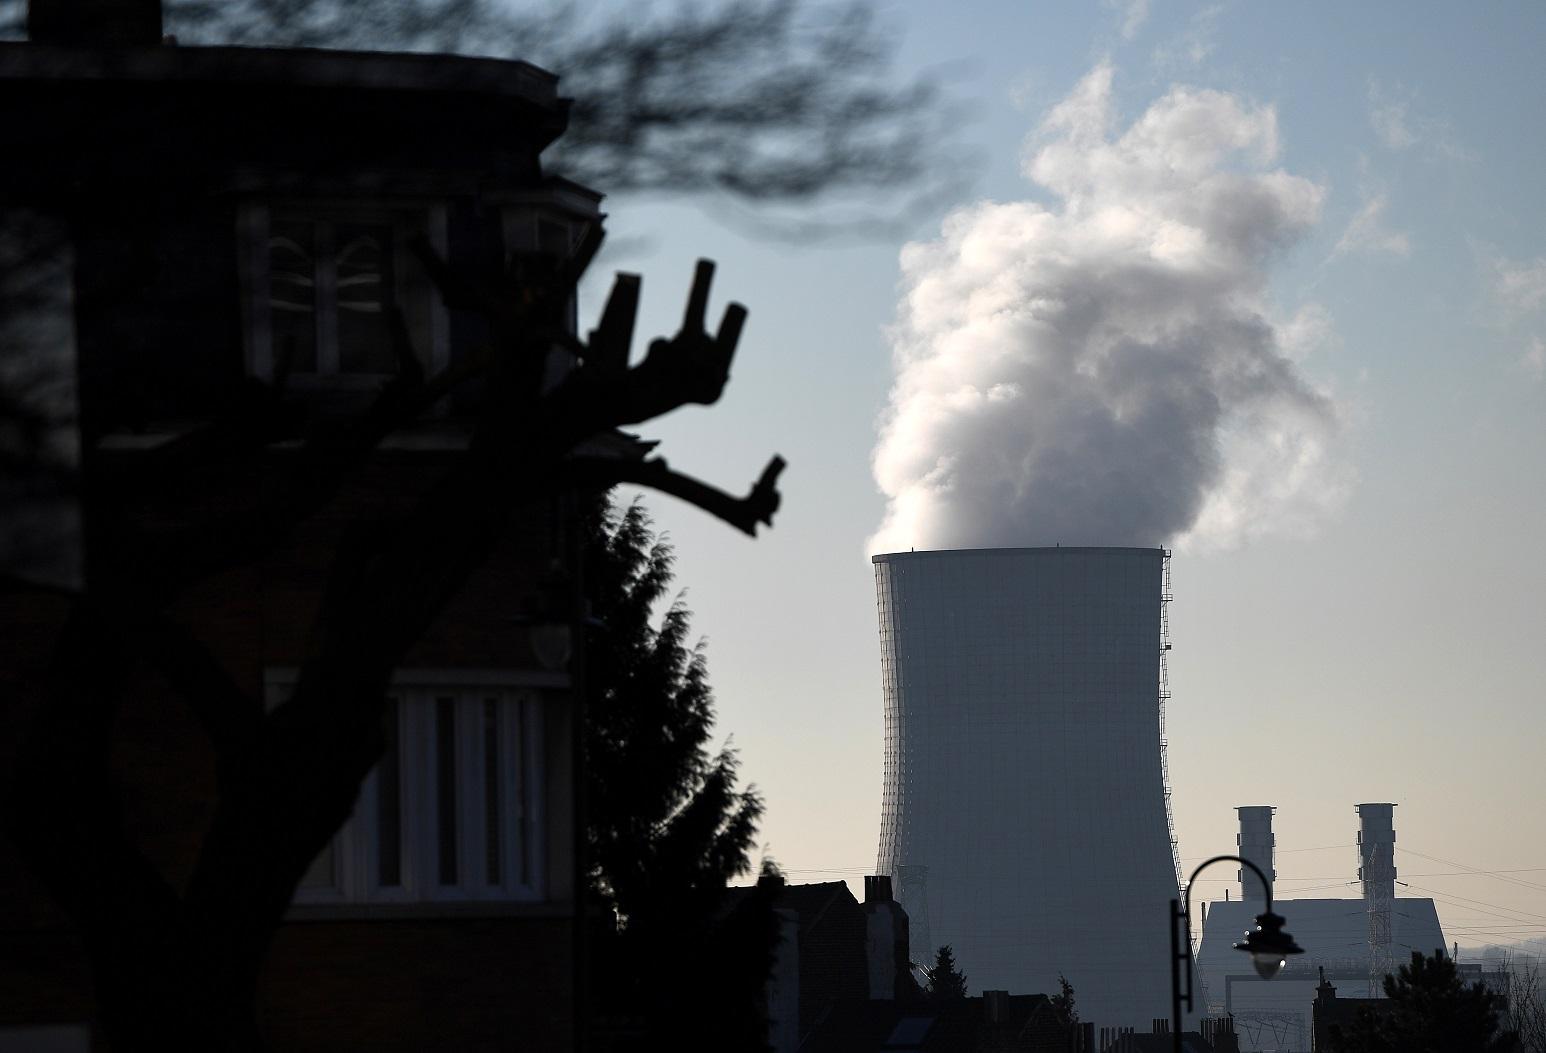 Usina termelétrica a gás, em Bruxelas, na Bélgica. Foto Emmanuel Dunand/AFP